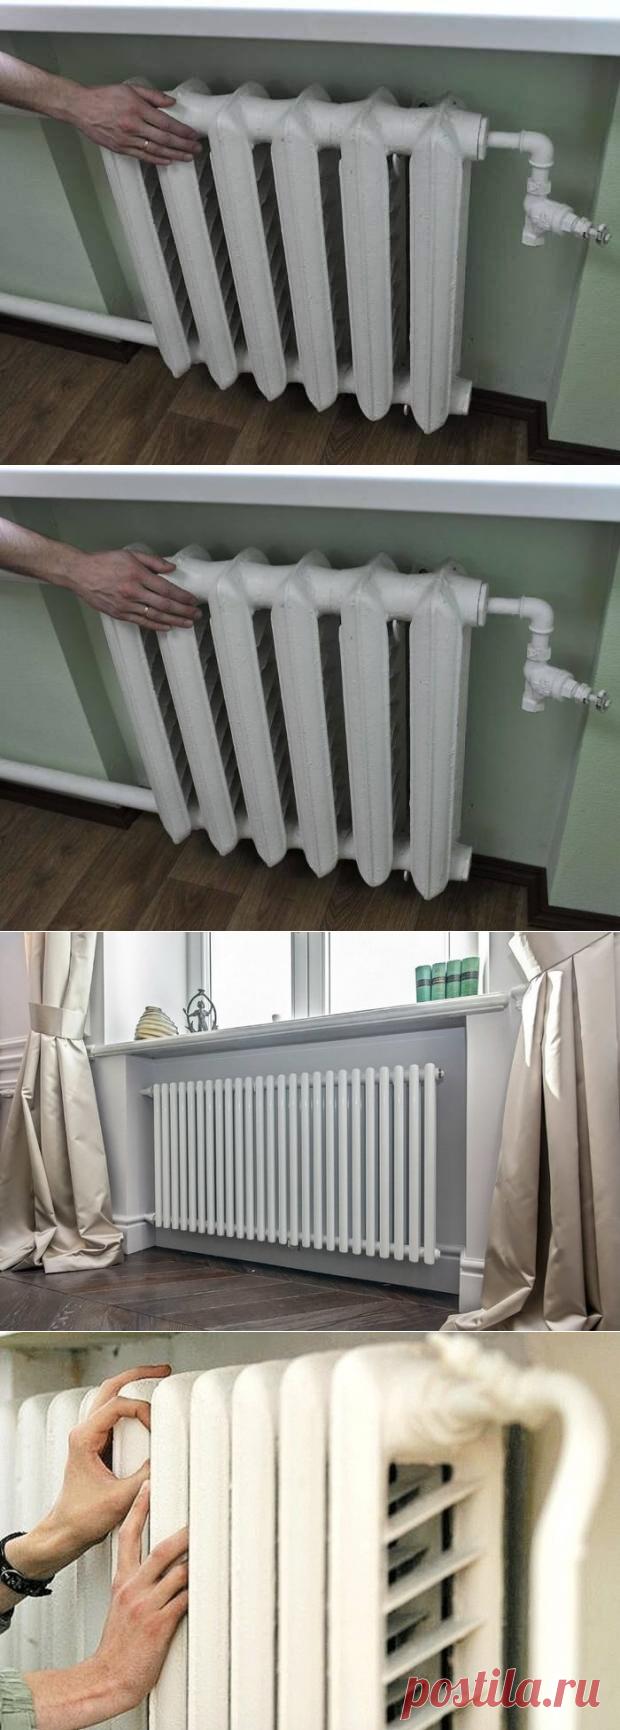 Горячая сверху, холодная снизу: как решить подобную проблему с батареей Очень часто в квартирах бывает такое, что батарея отопления горячая только сверху,... Читай дальше на сайте. Жми подробнее ➡